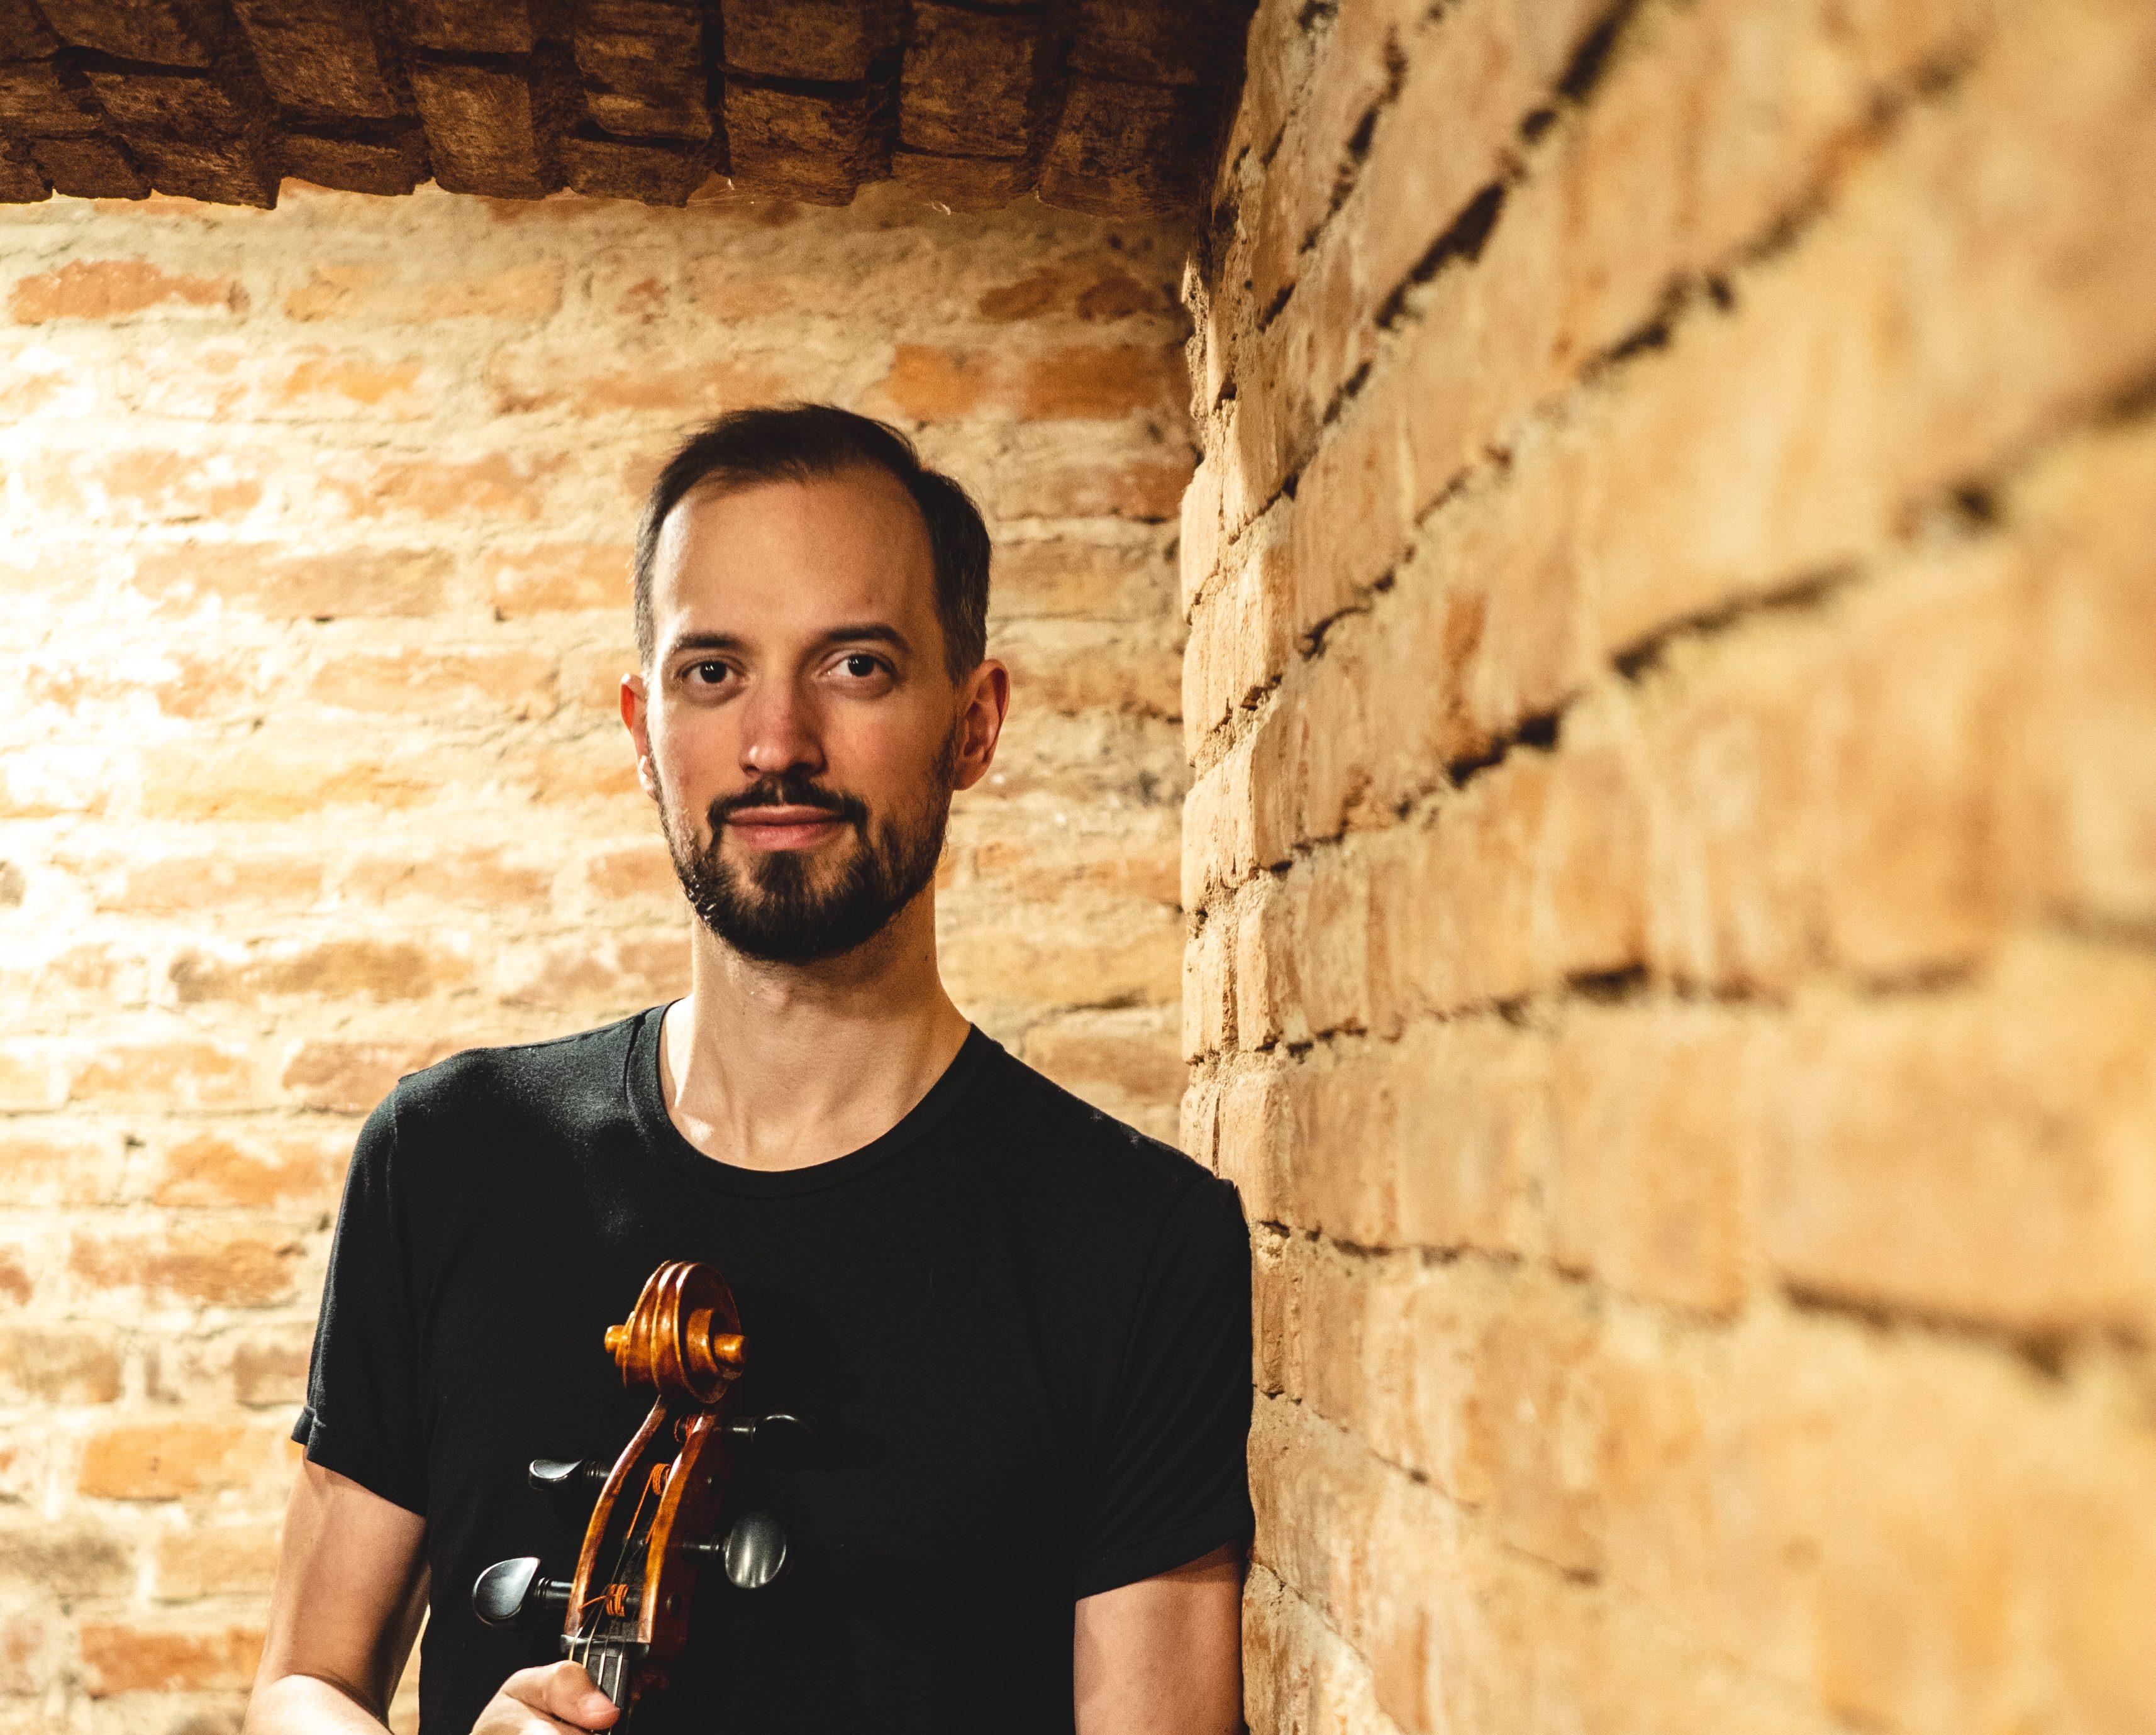 Matěj Štěpánek